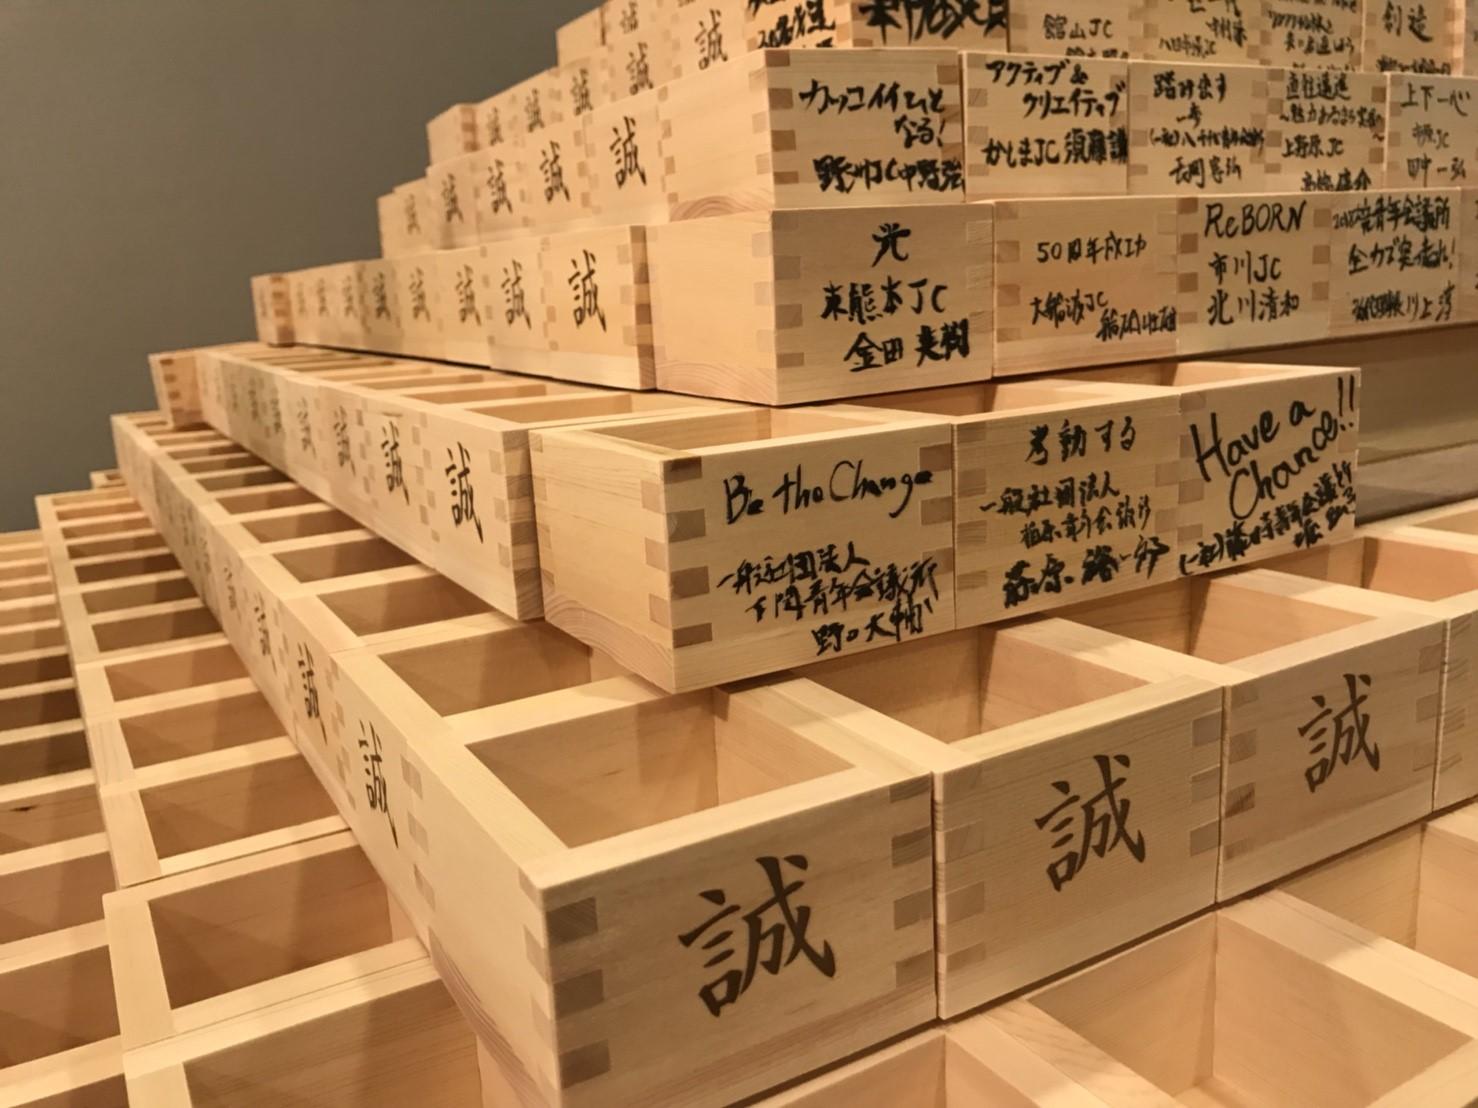 2018年度 京都会議のサムネイル画像5